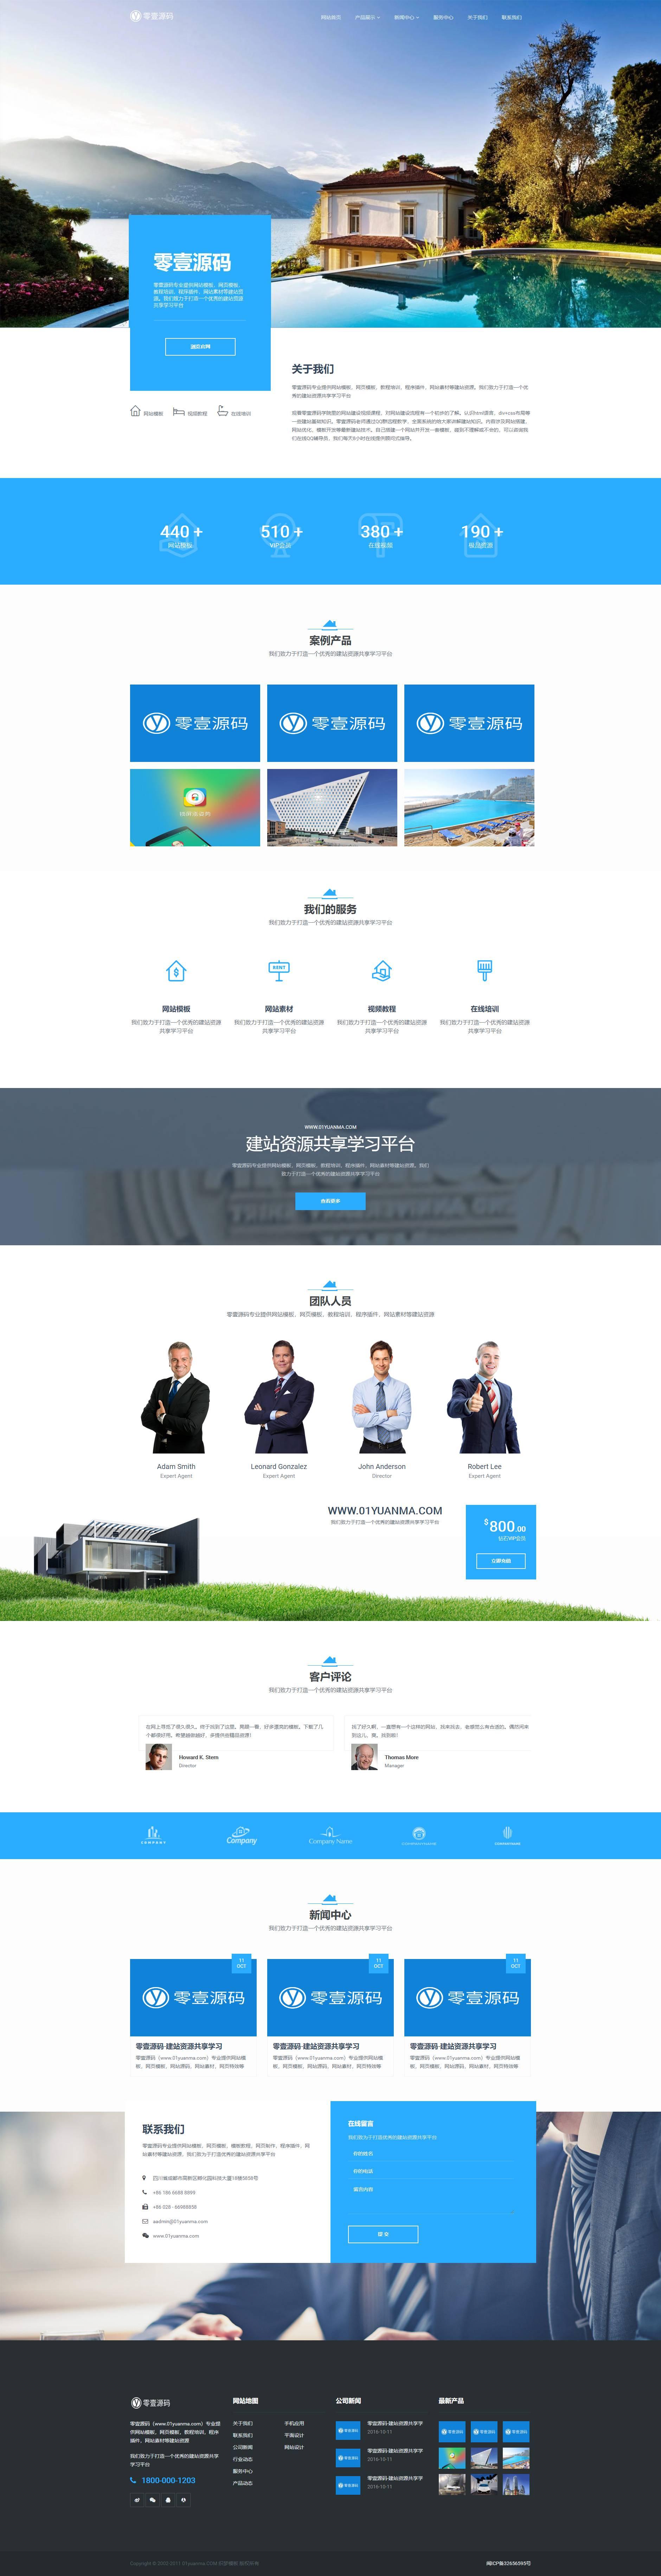 高端响应式自适应房屋出售建筑设计企业织梦dedecms模板